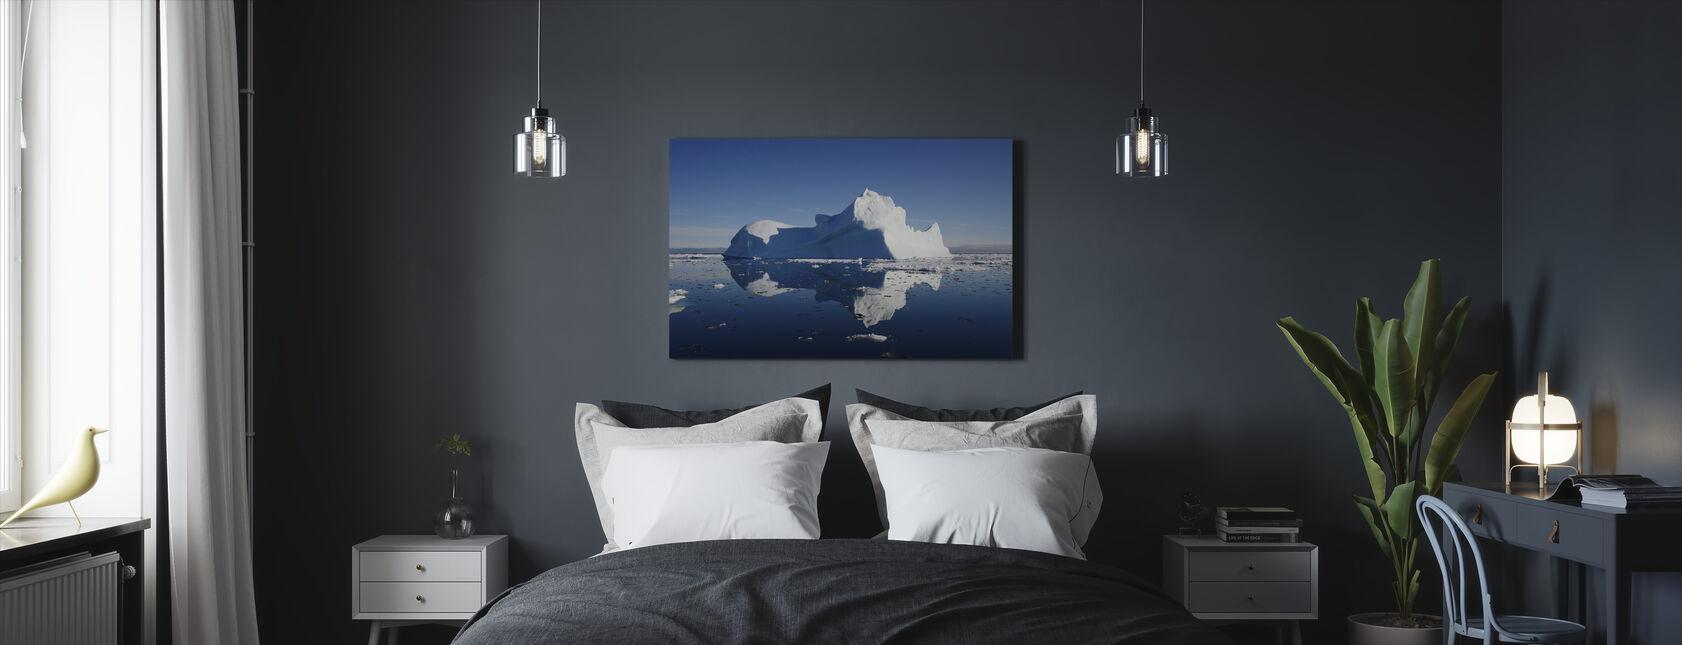 Jäävuori - Canvastaulu - Makuuhuone